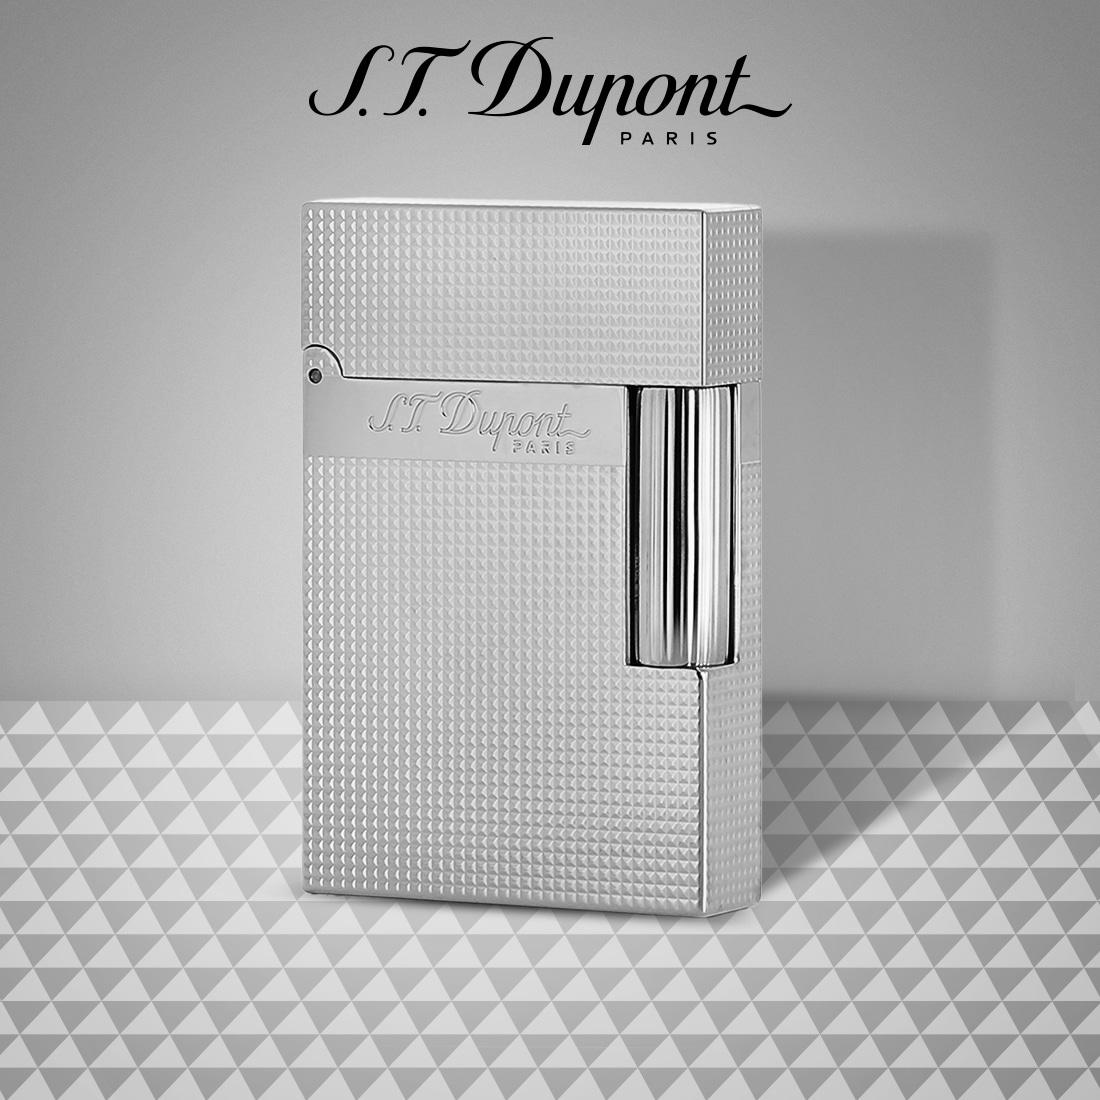 Photo #5 de Briquet S.T. Dupont Ligne 2 Palladium Pointe de Microdiamant Petit Modèle